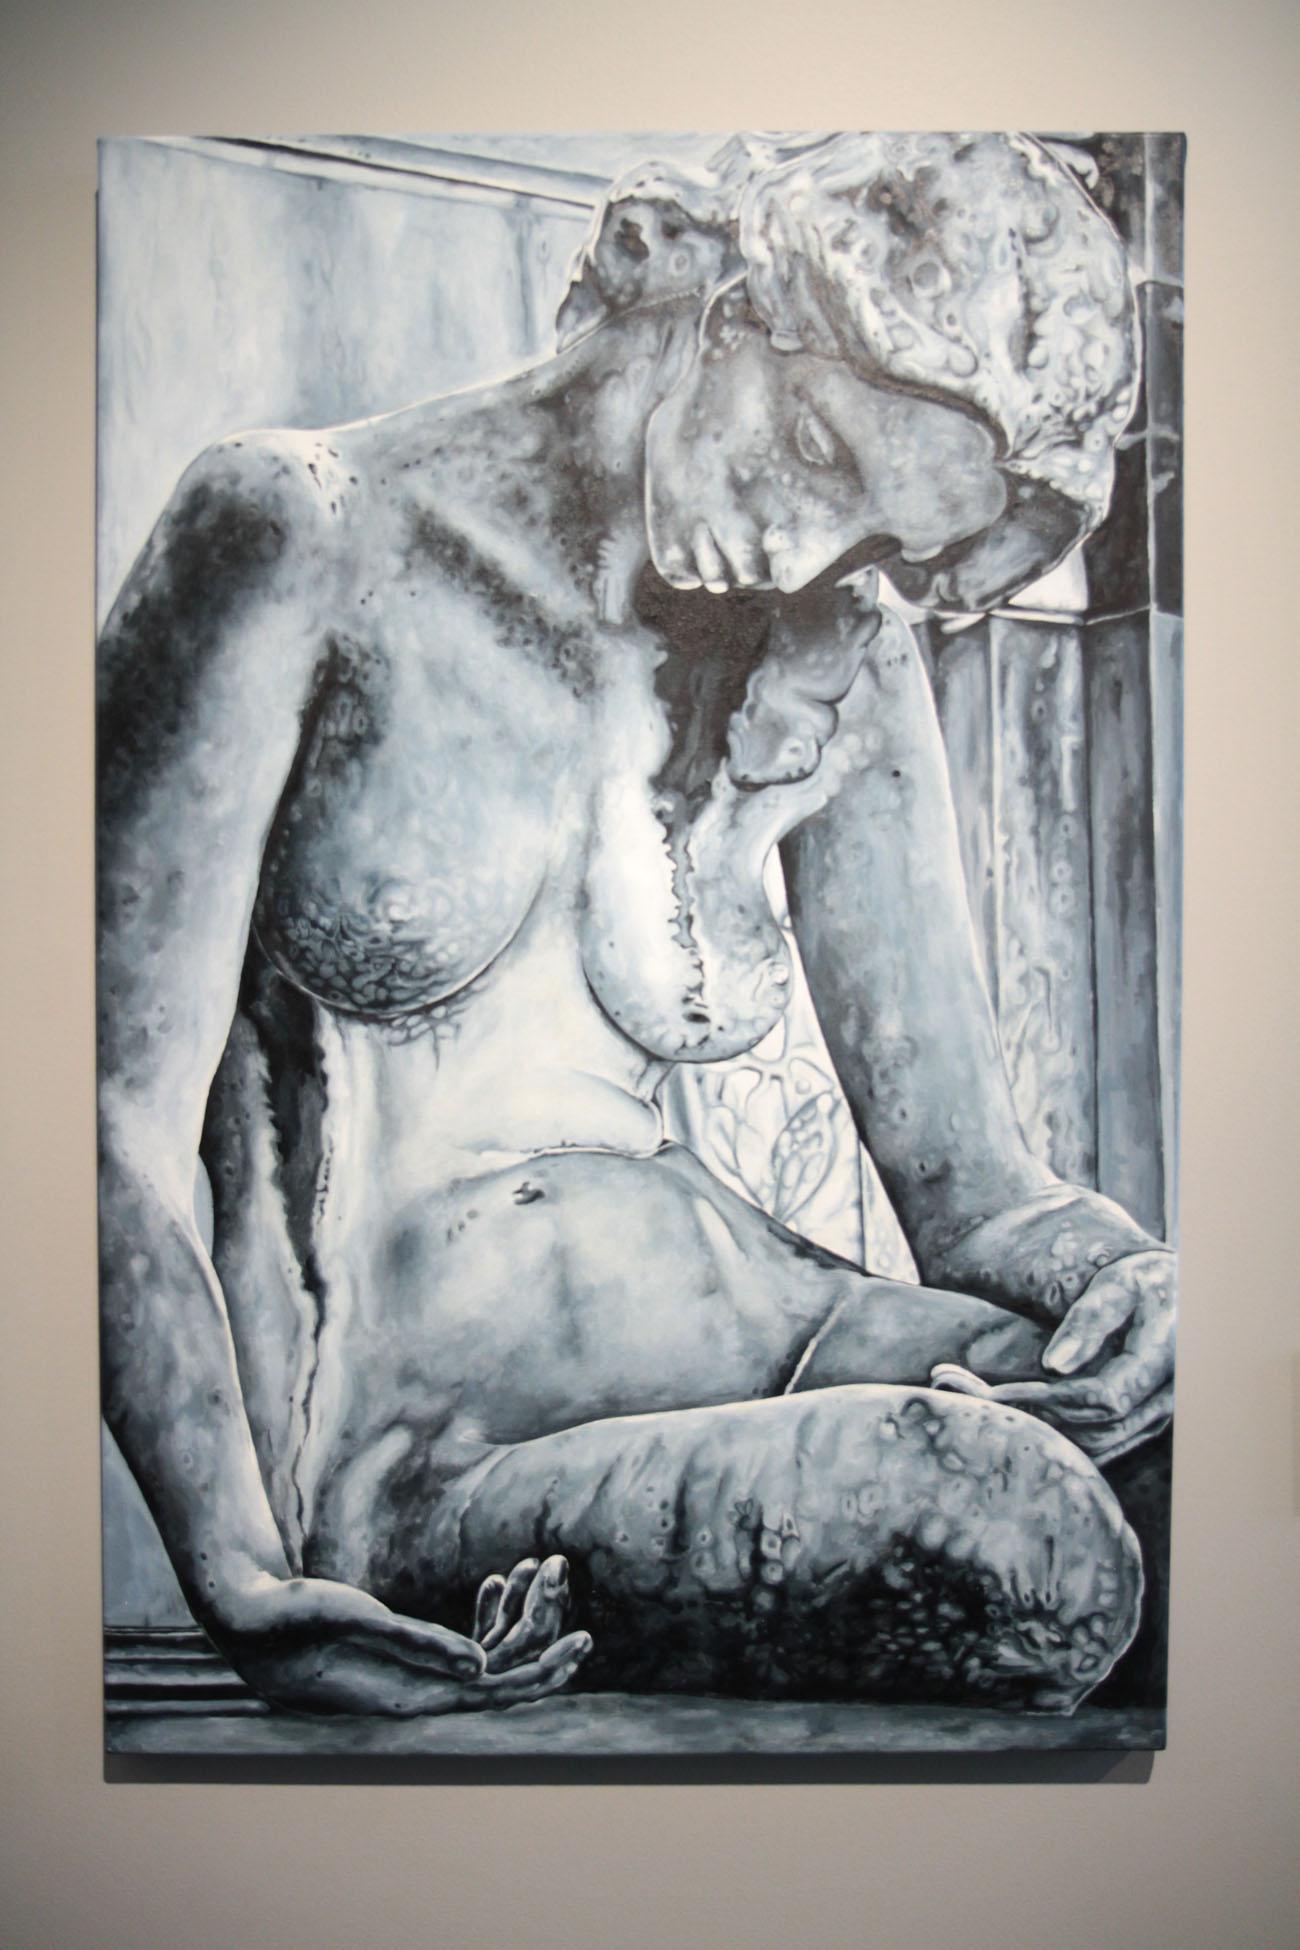 jo-elle-breit-ethereal-sorrow